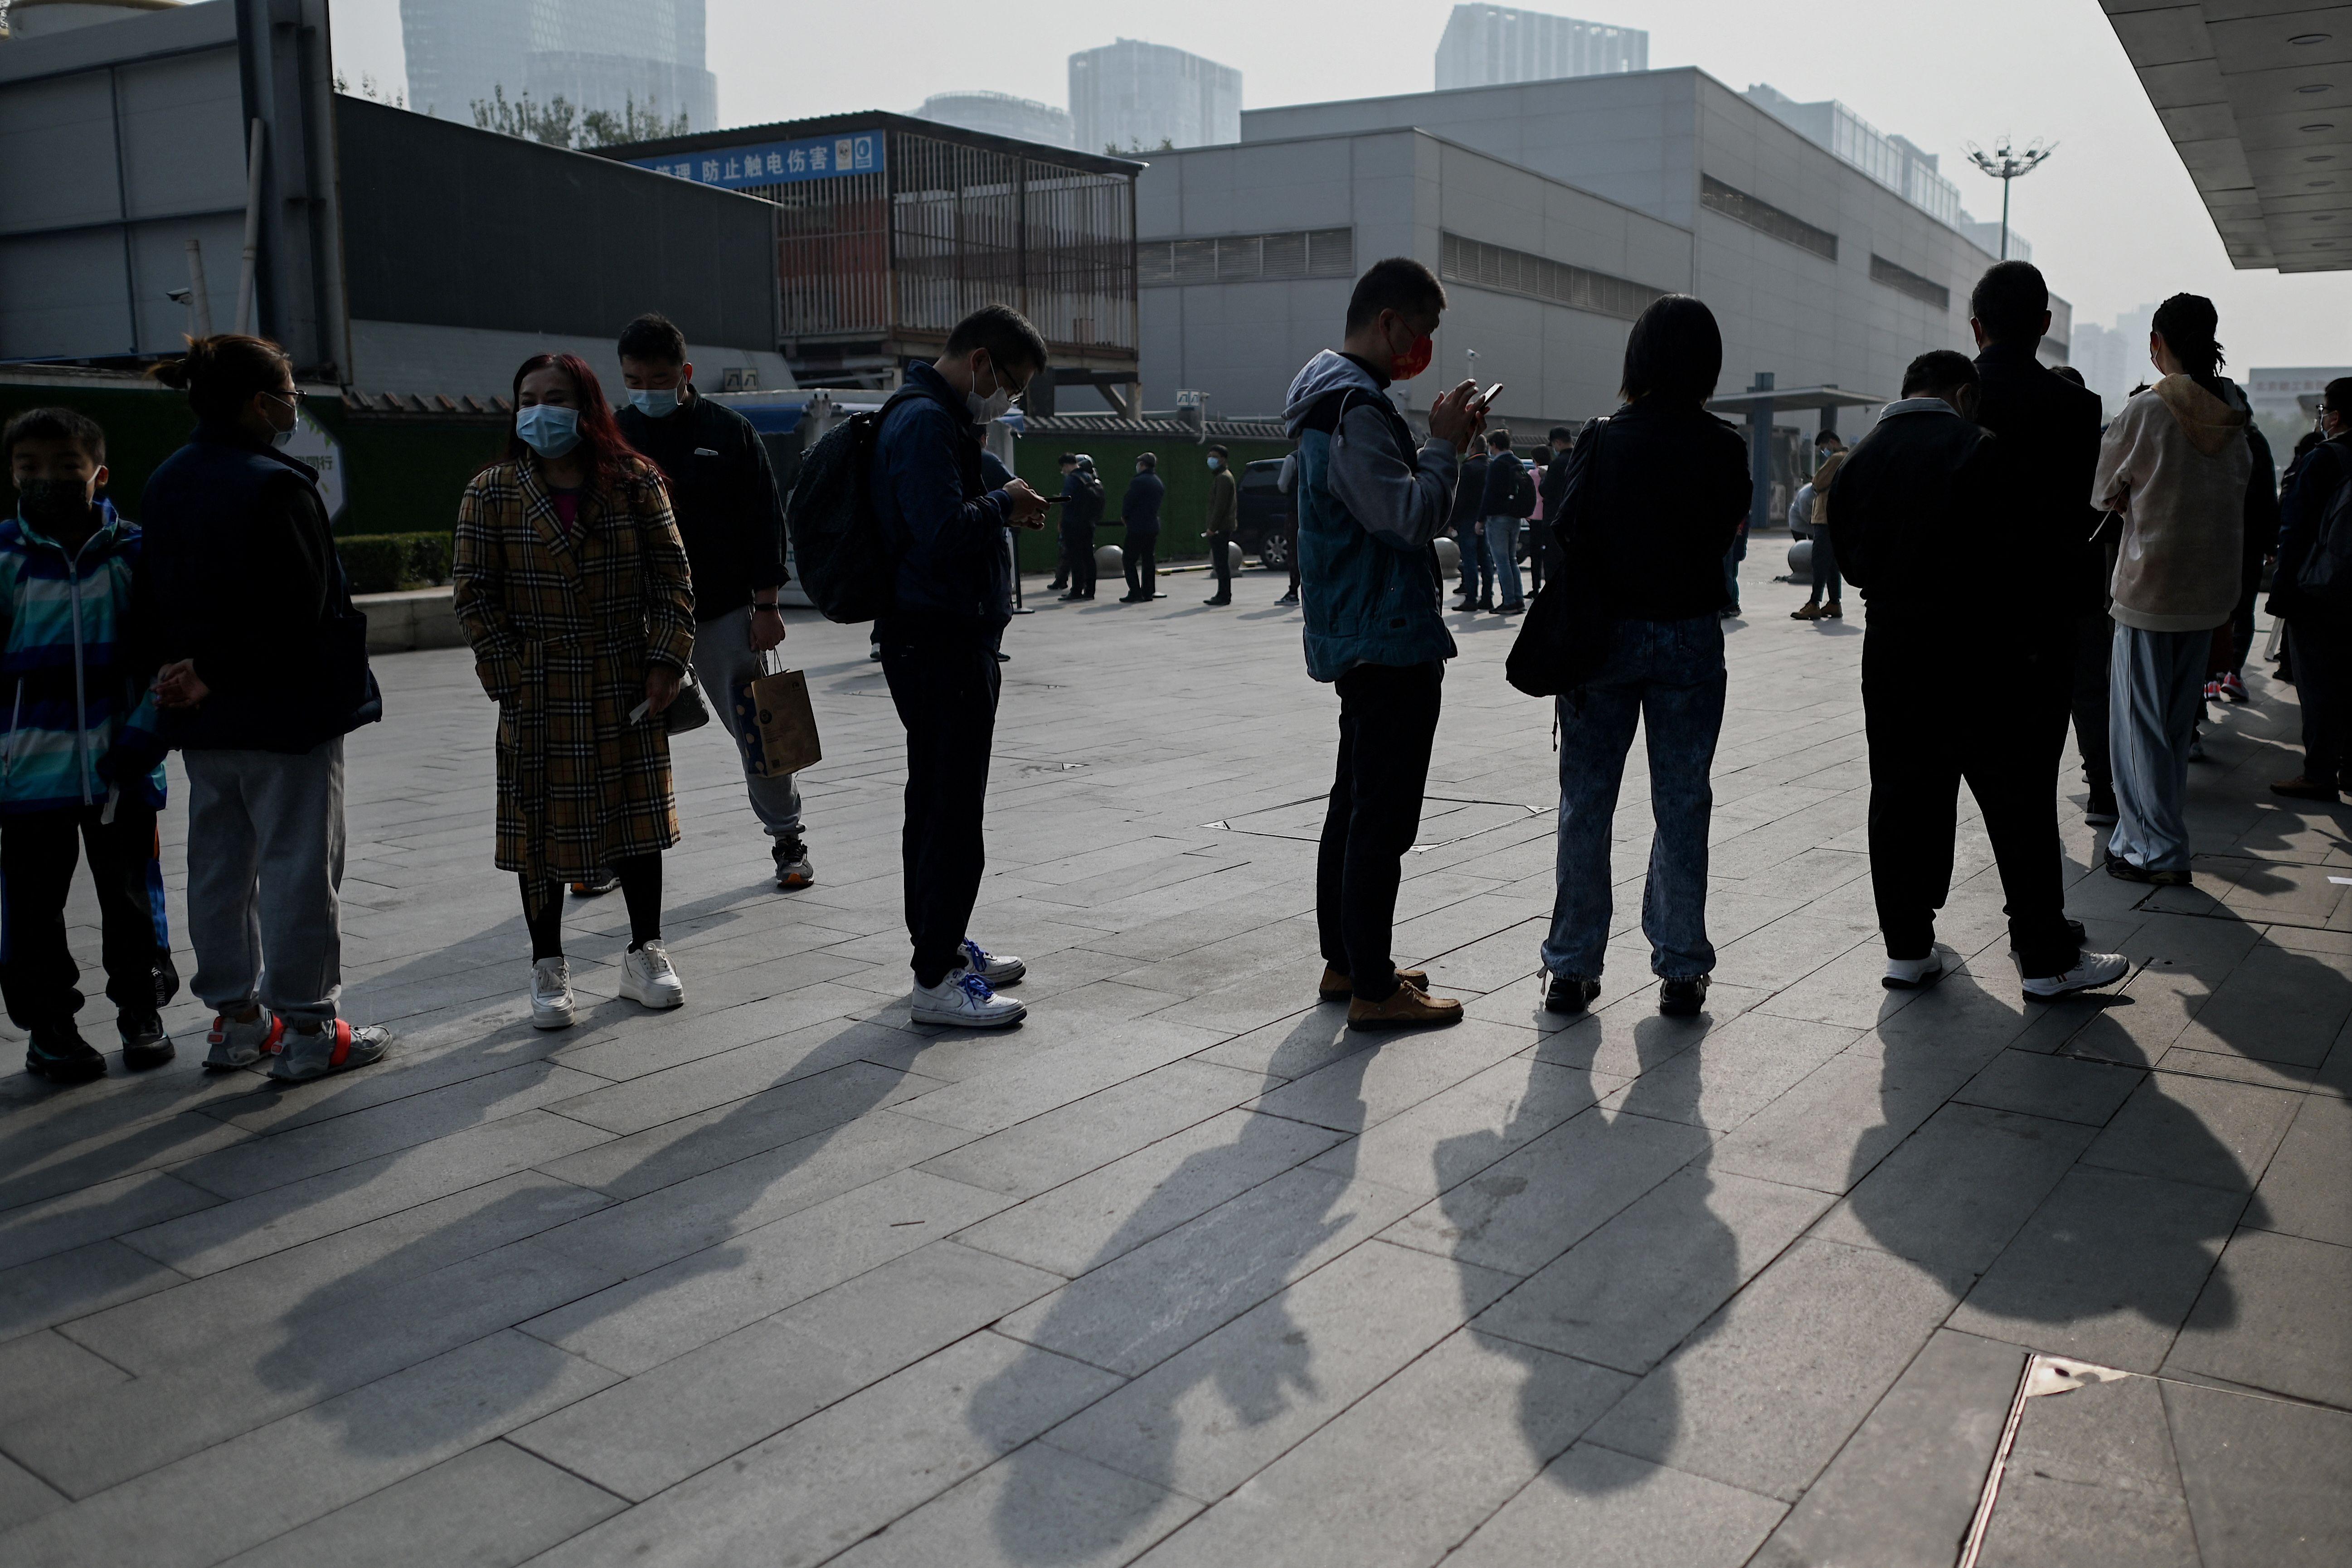 北京疫情風險升高 市民排隊接受檢測(多圖)